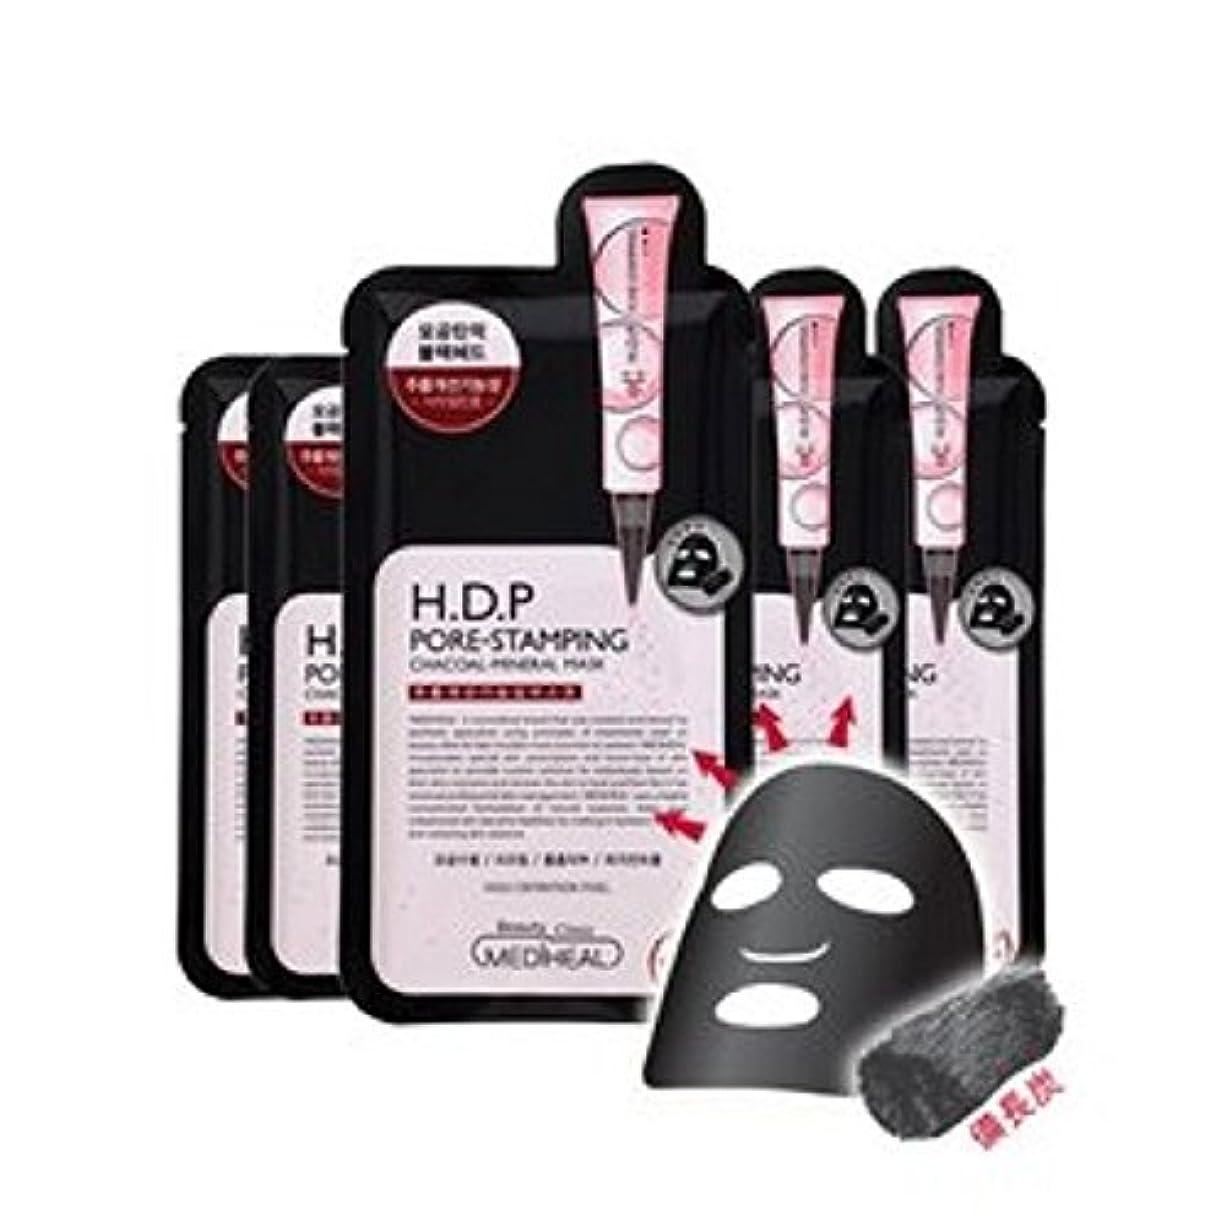 爆発物恐ろしい合理化メディヒール(Mediheal) H.D.P 毛穴スタンプ炭ミネラルマスク Pore stamping Charcoal mineral mask (10枚) [海外直送品][並行輸入品]